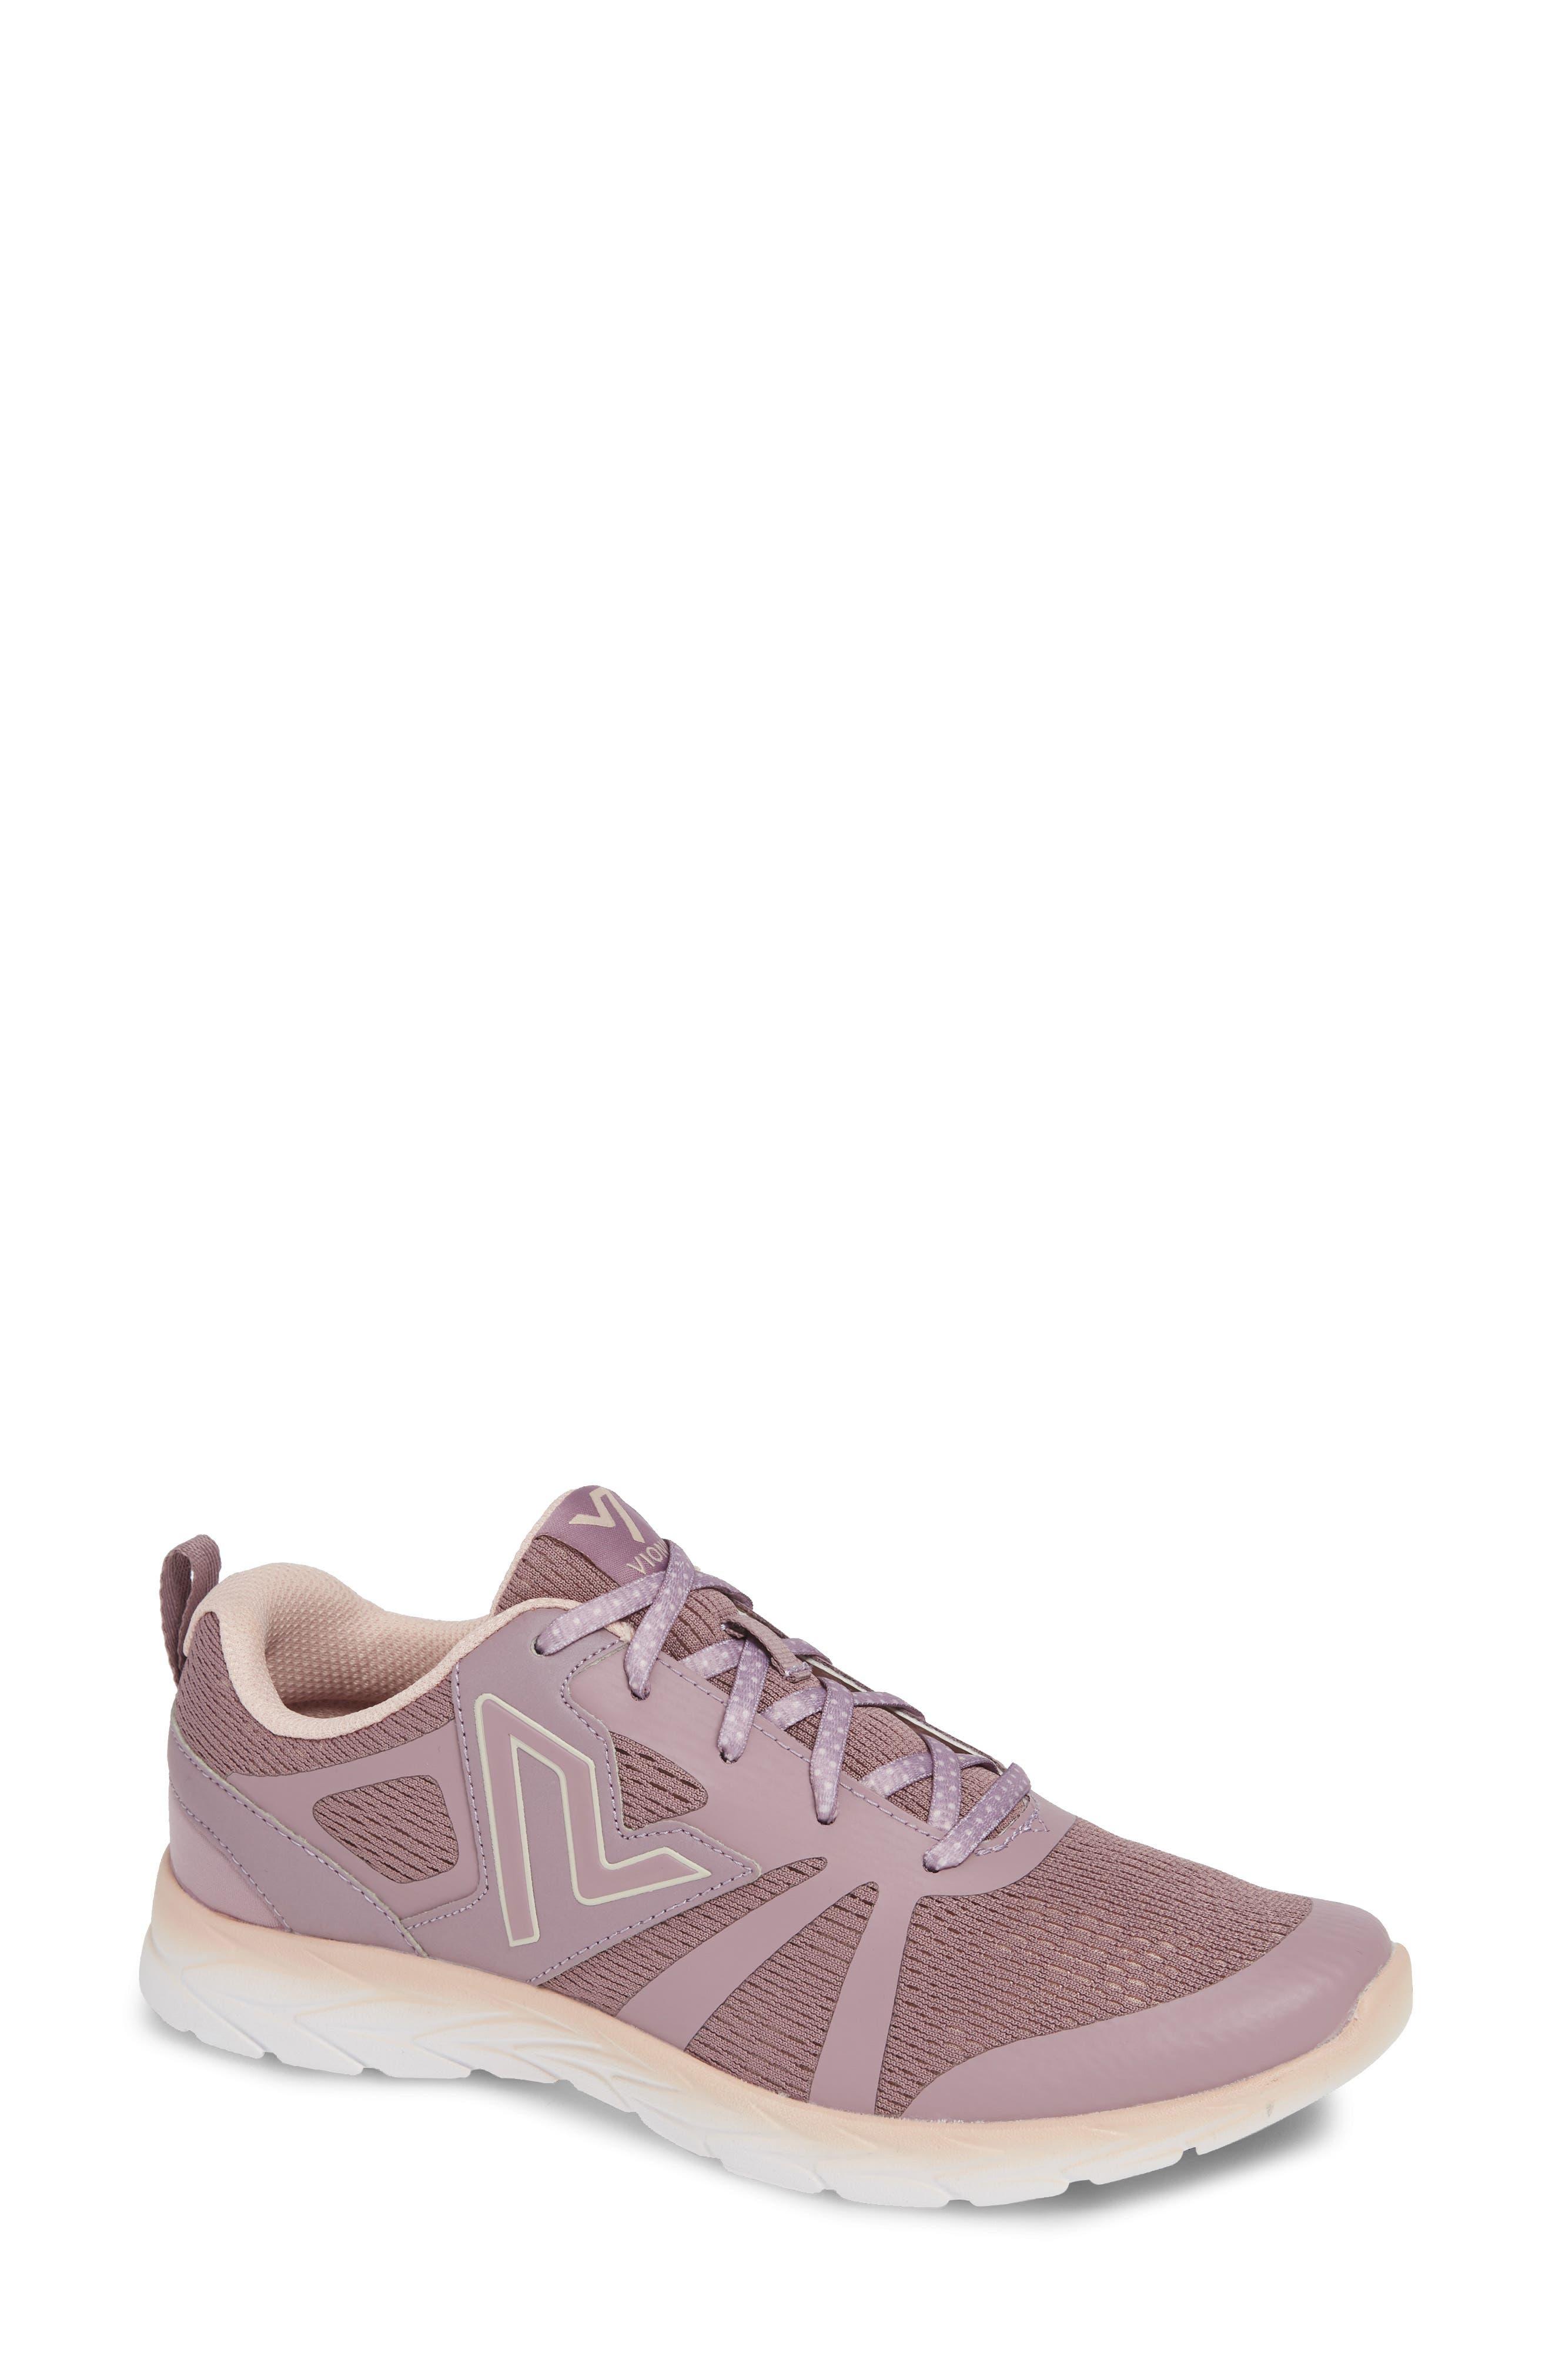 VIONIC,                             Brisk Miles Sneaker,                             Main thumbnail 1, color,                             MAUVE